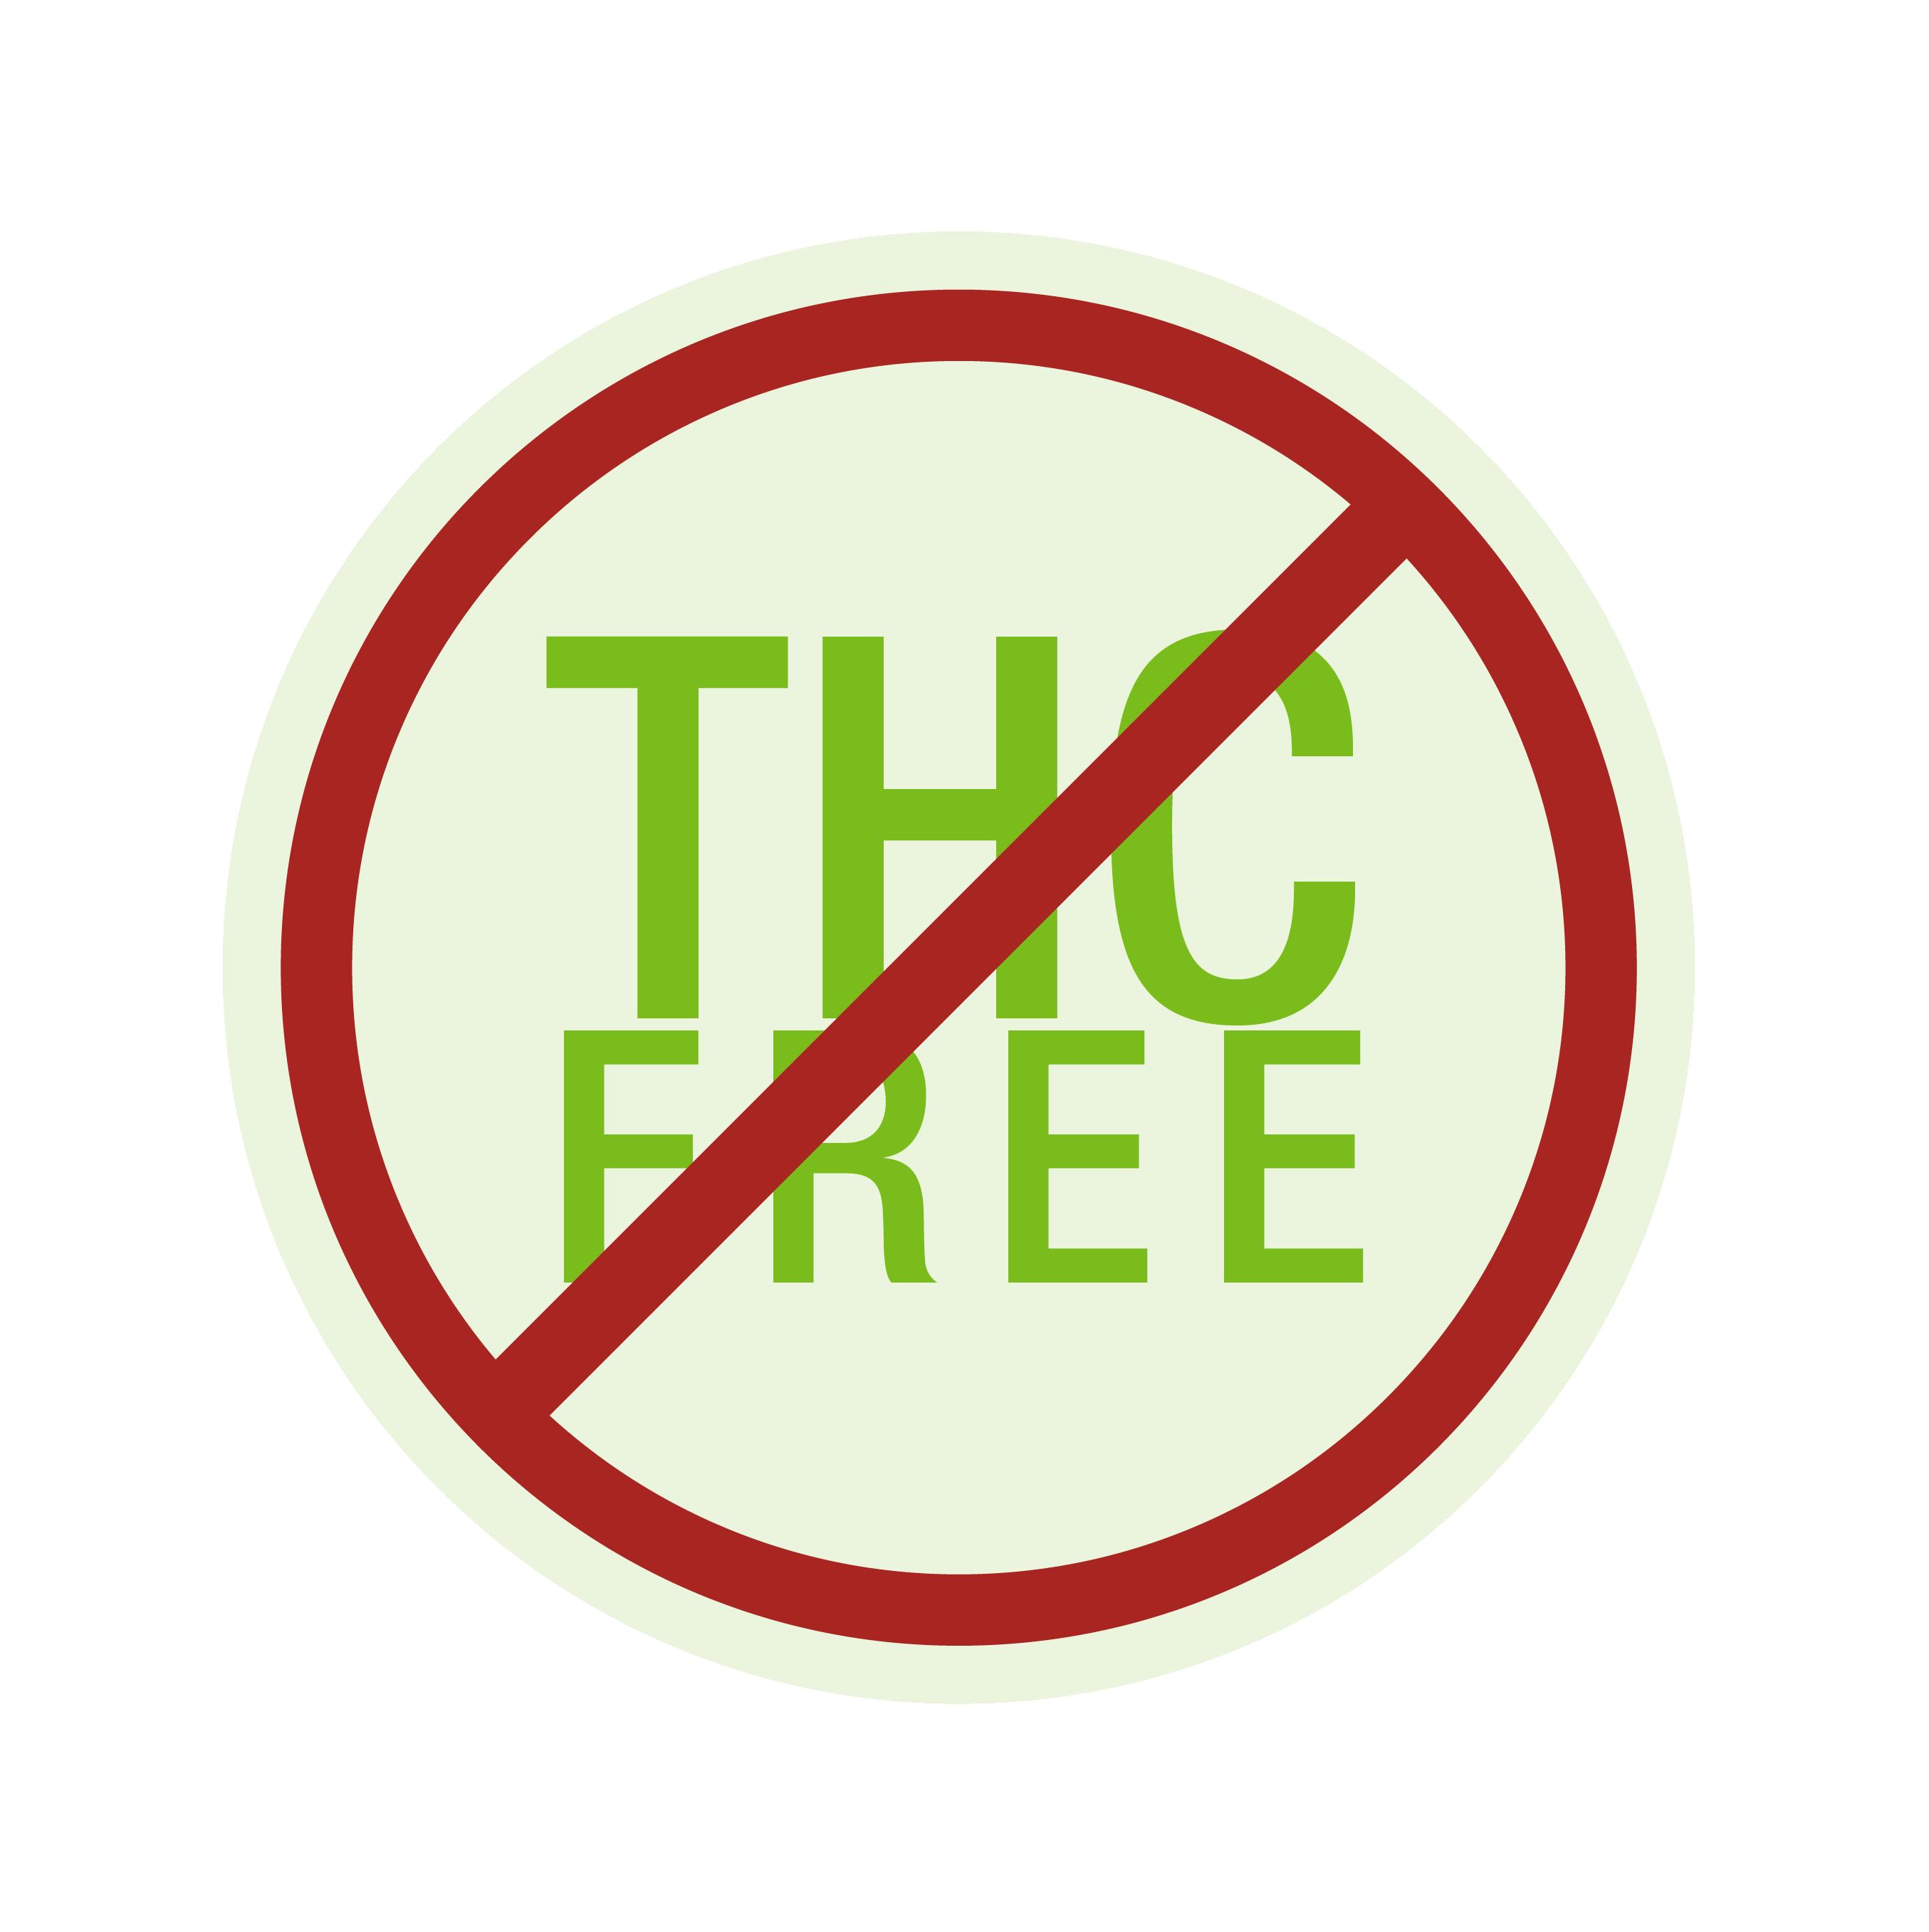 'Not THC Free' logo